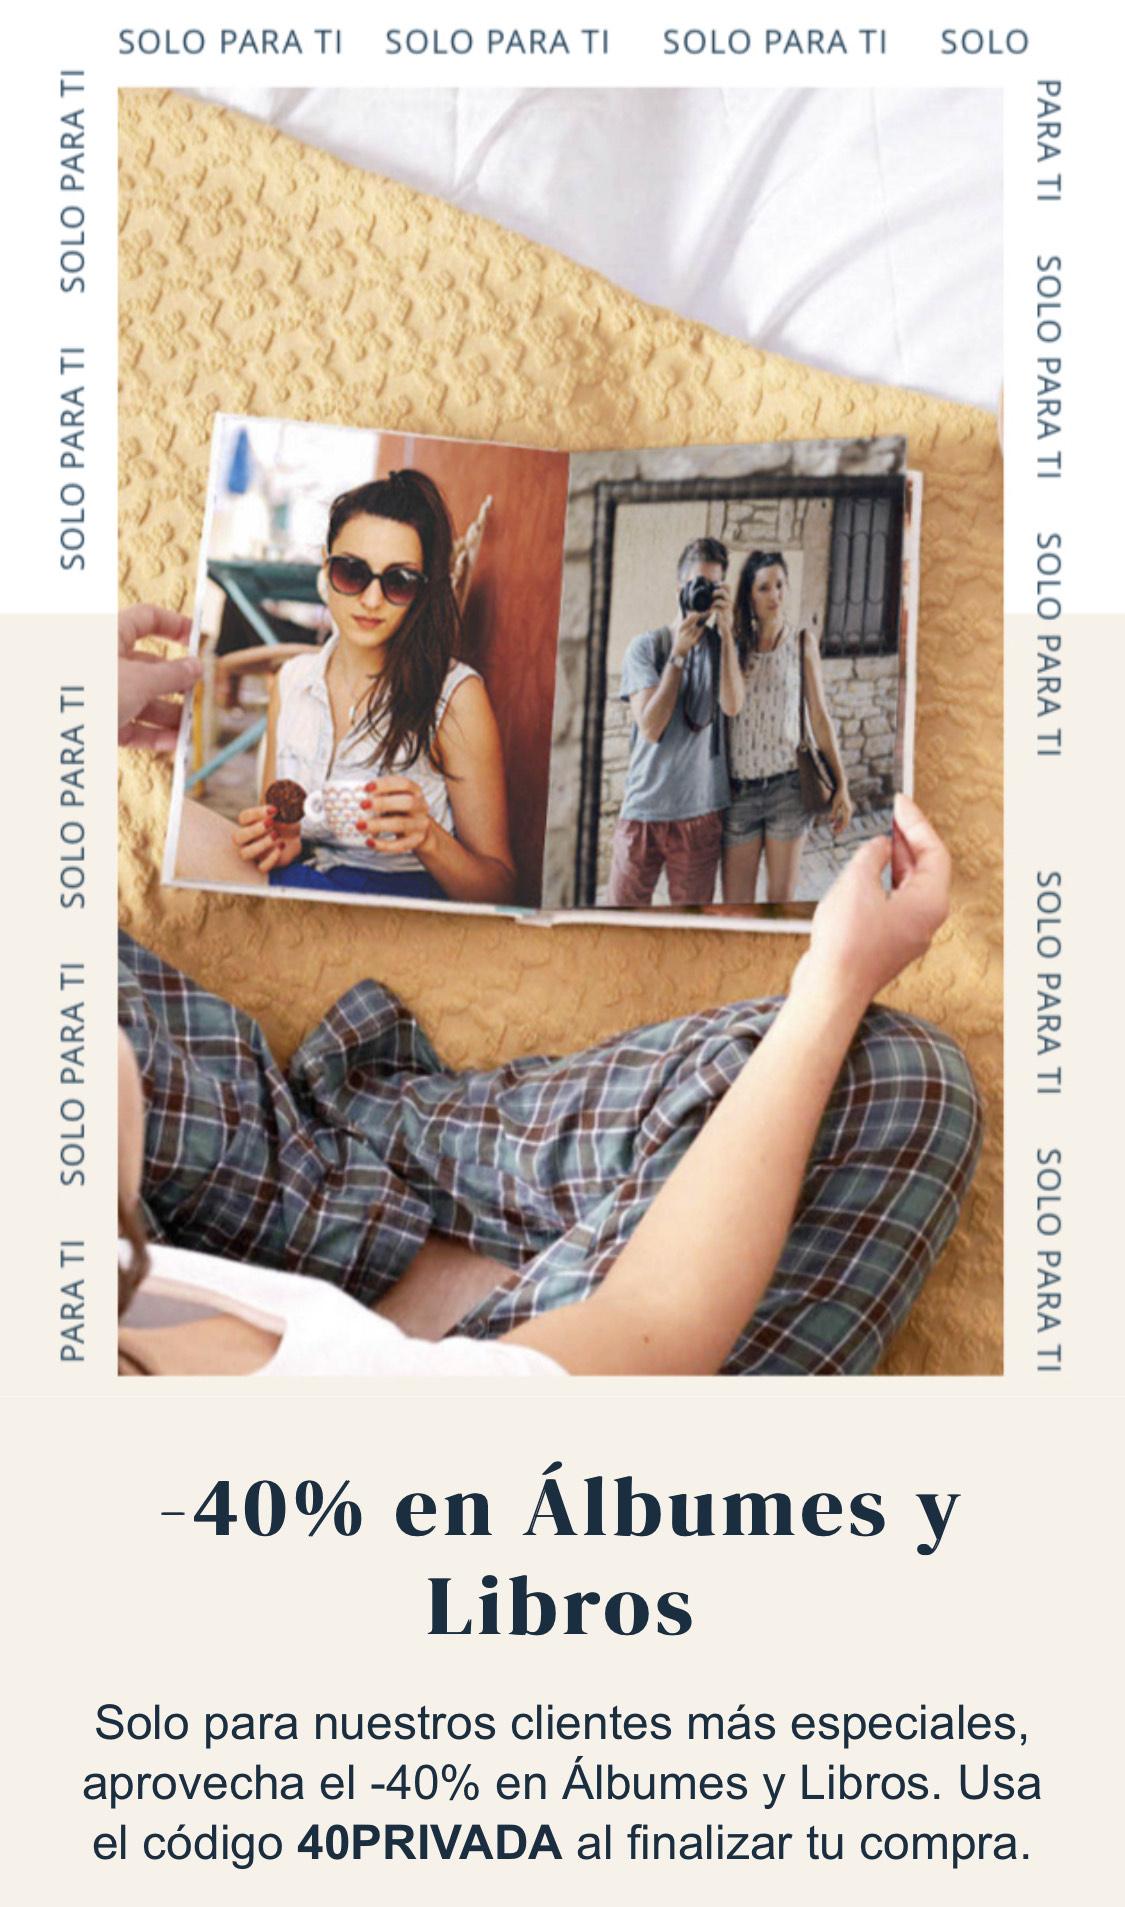 Hofmann - 40% en albumes y libros